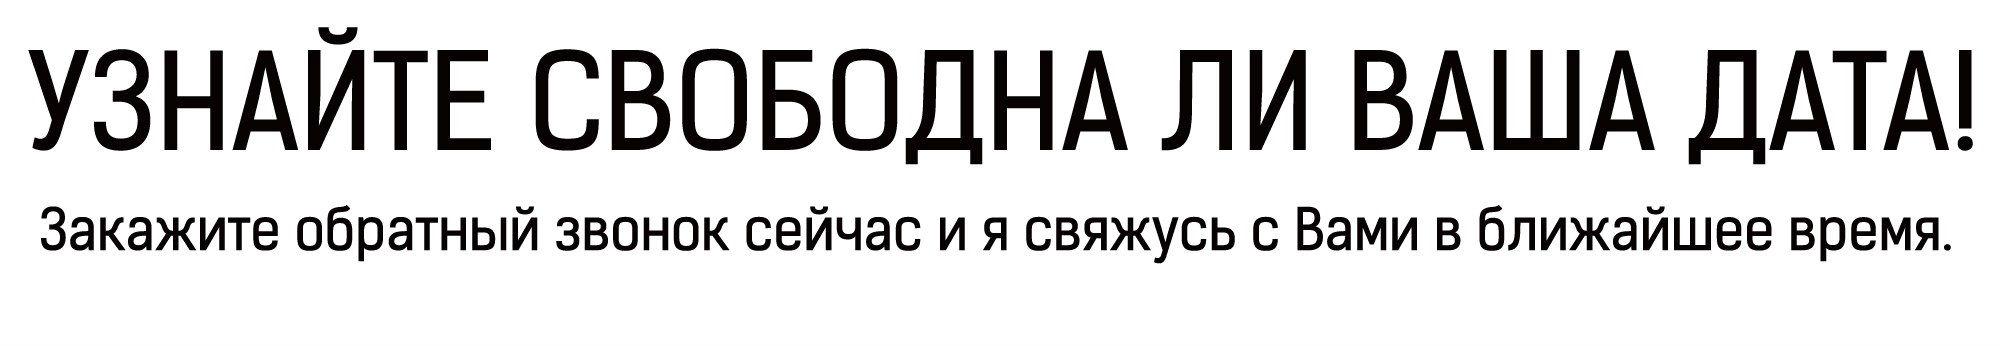 +7 937 555 20 20 Павел Июльский - Ведущий на свадьбу, юбилей – любое мероприятие в Волгограде